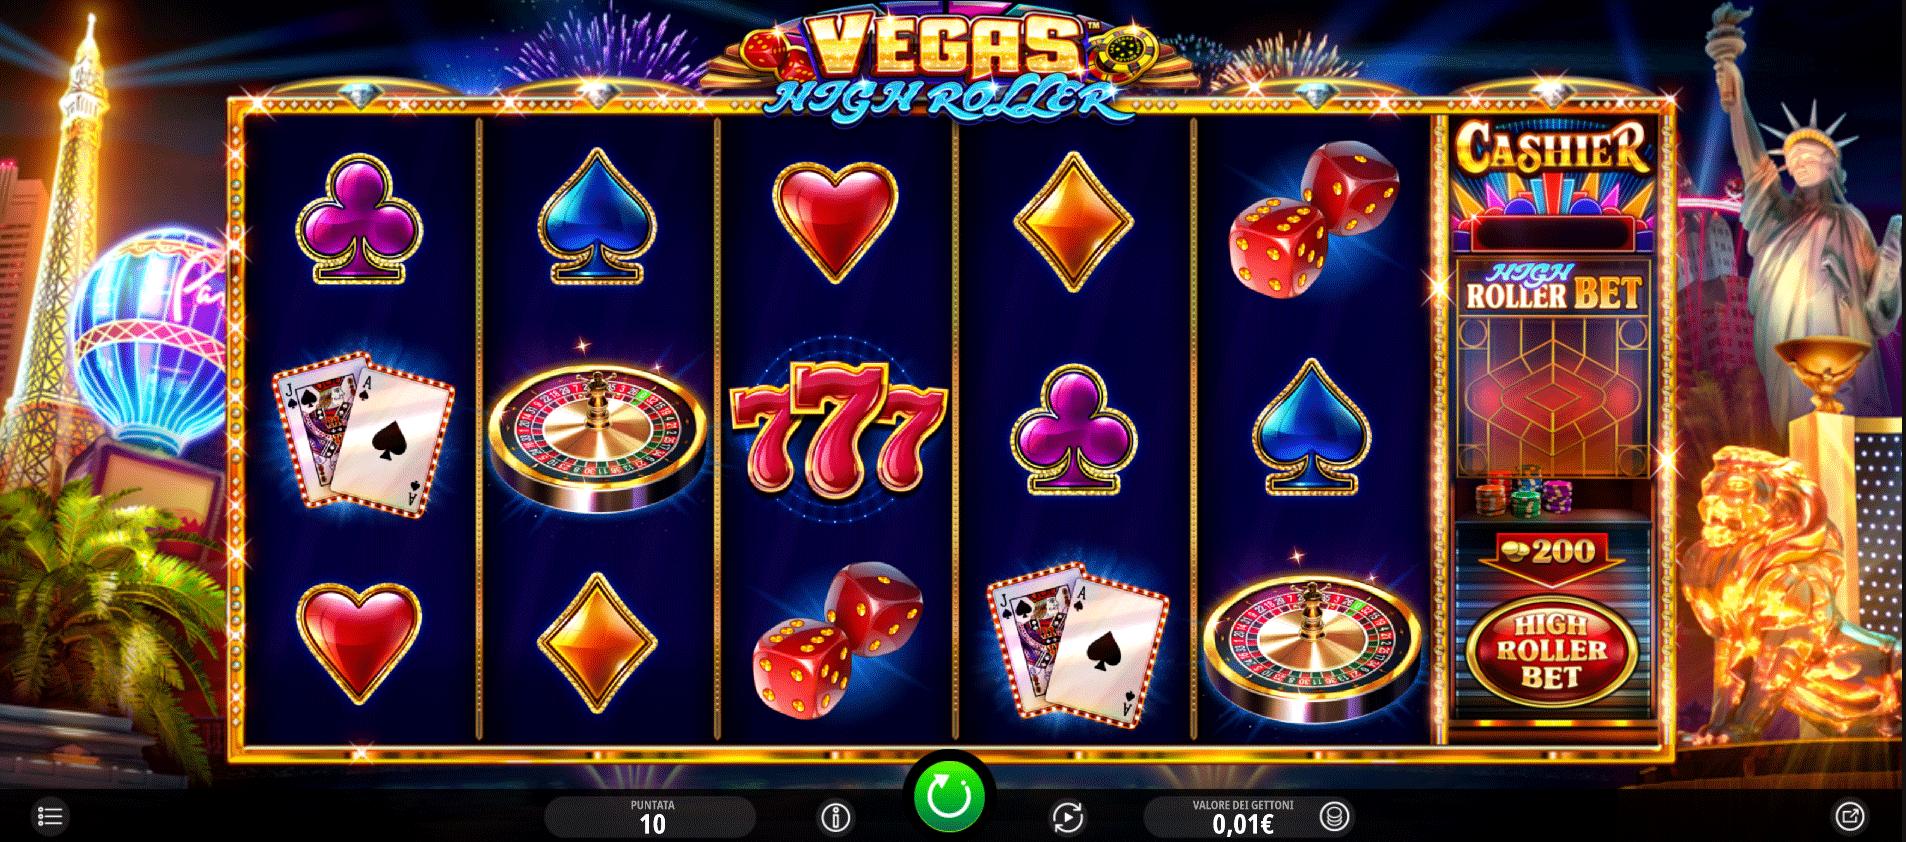 Slot Vegas High Roller